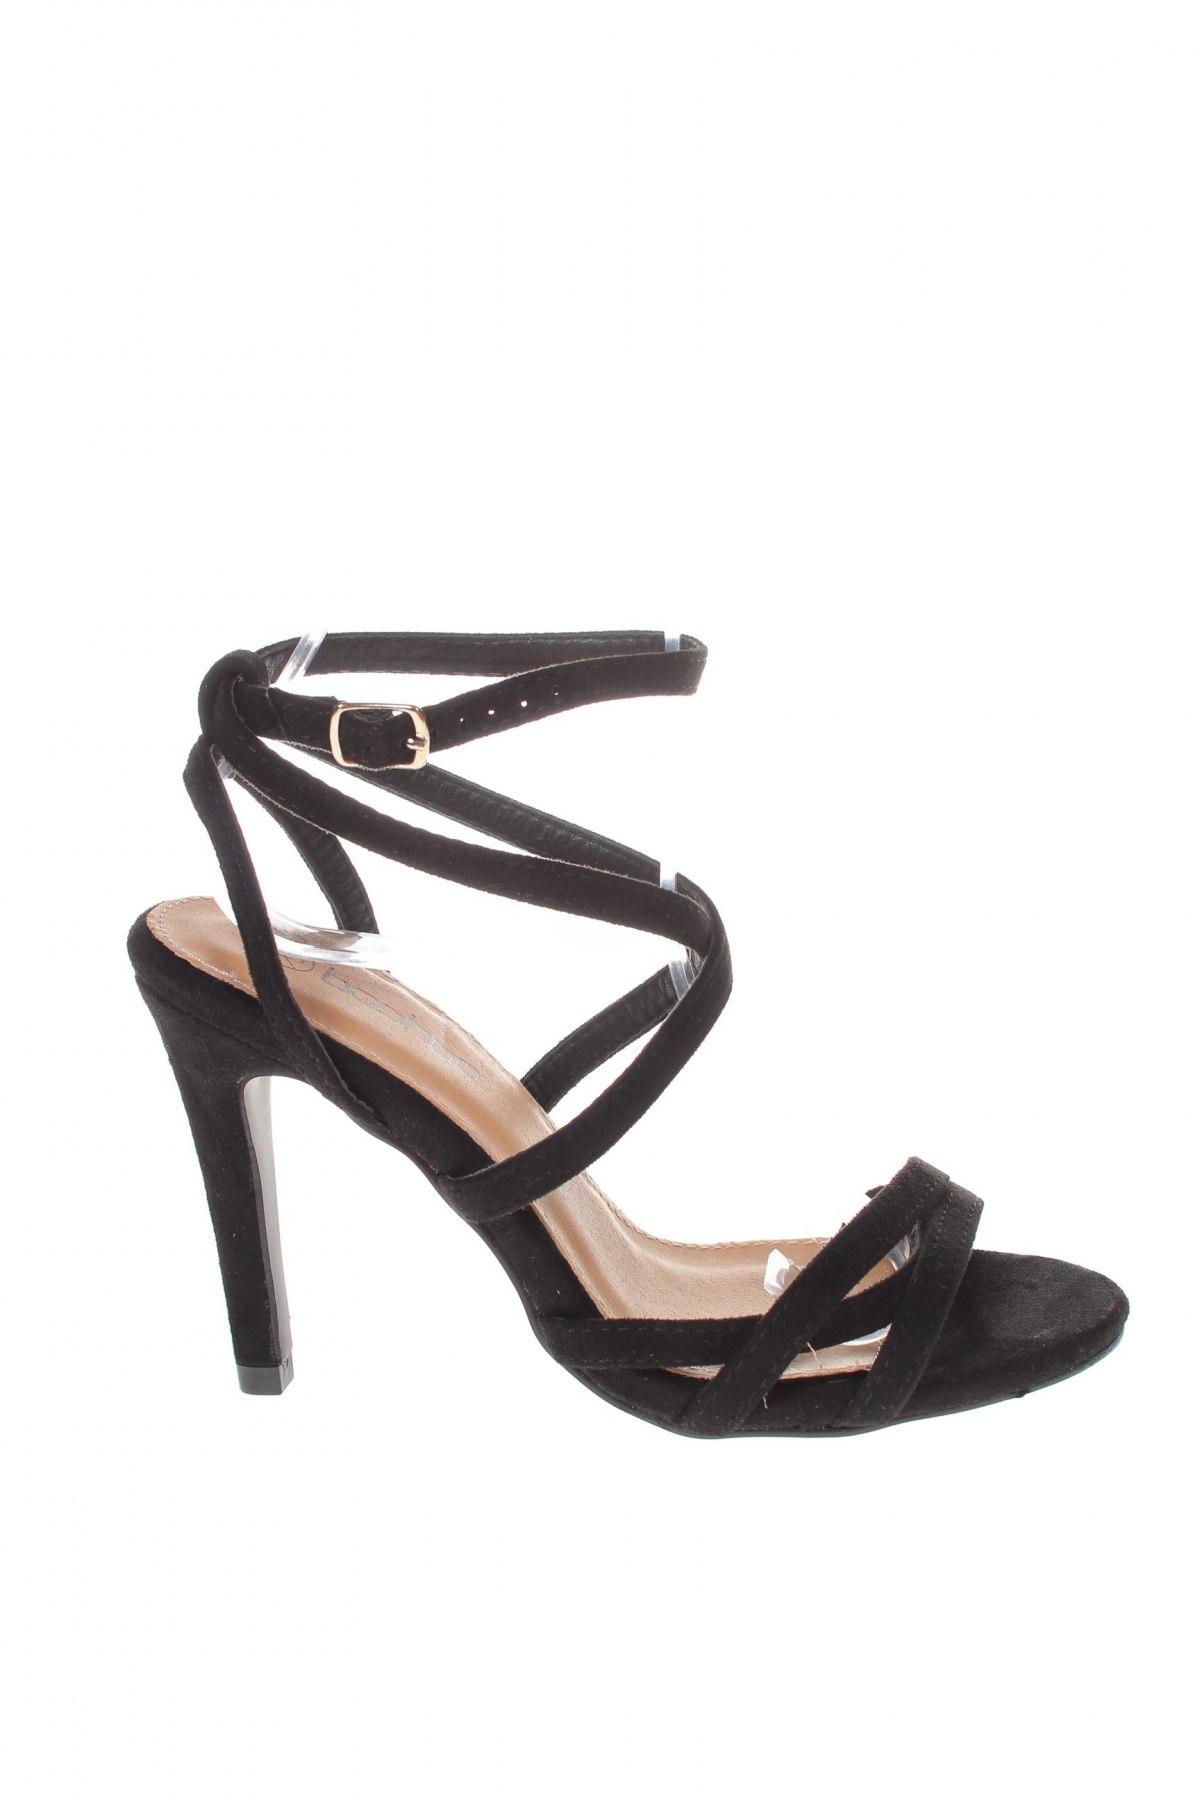 Σανδάλια Boohoo, Μέγεθος 38, Χρώμα Μαύρο, Κλωστοϋφαντουργικά προϊόντα, Τιμή 14,20€